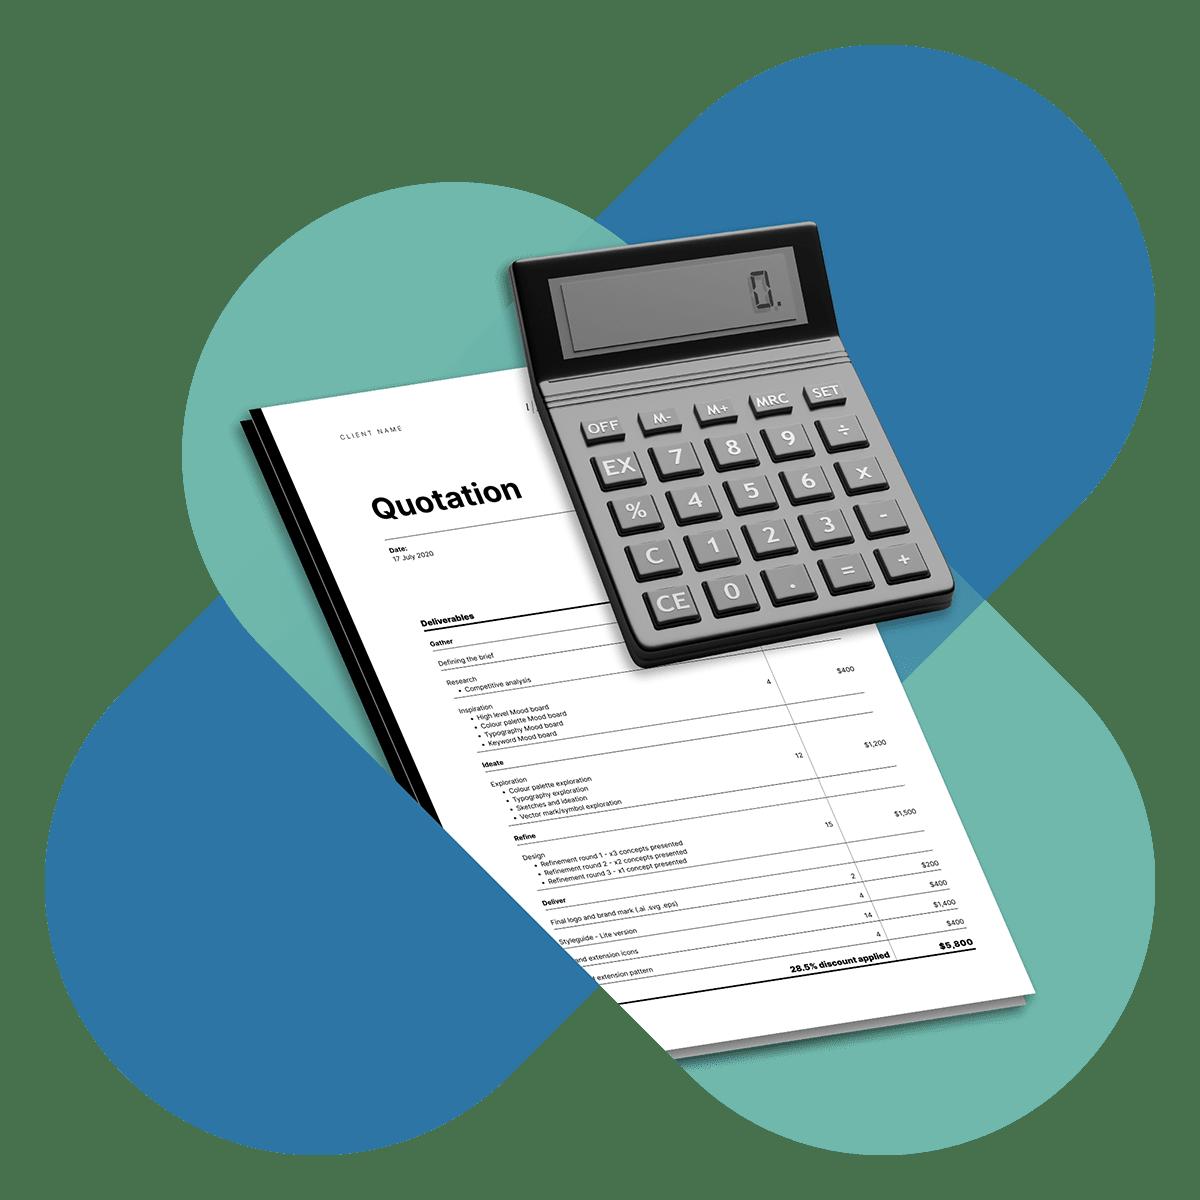 Sales_mgmt-min